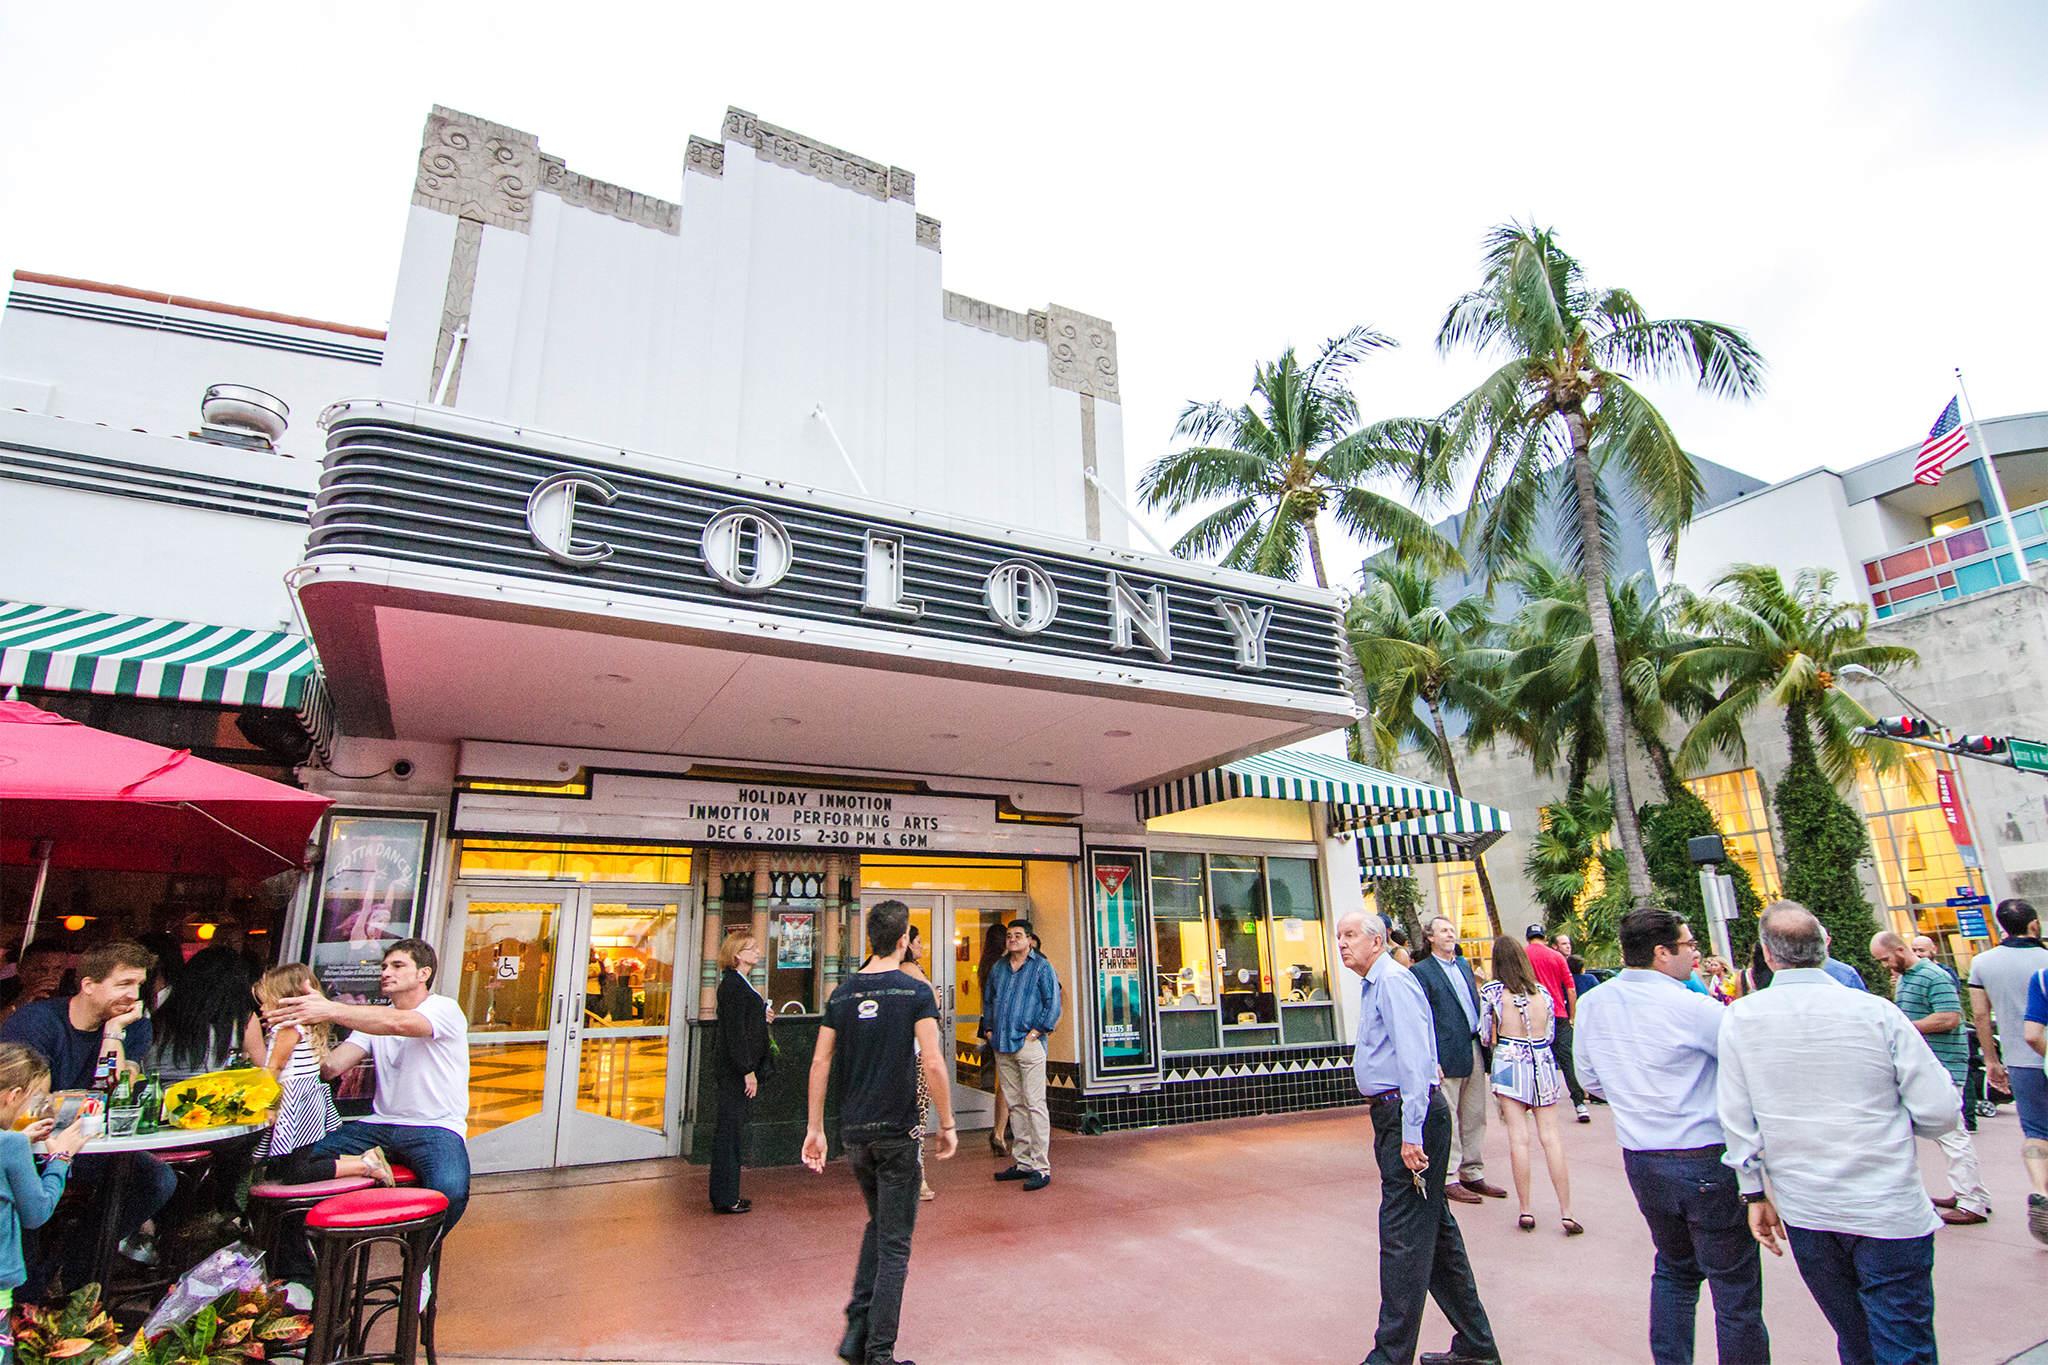 Roteiro de 3 dias em Miami 11 dicas Viaje Global